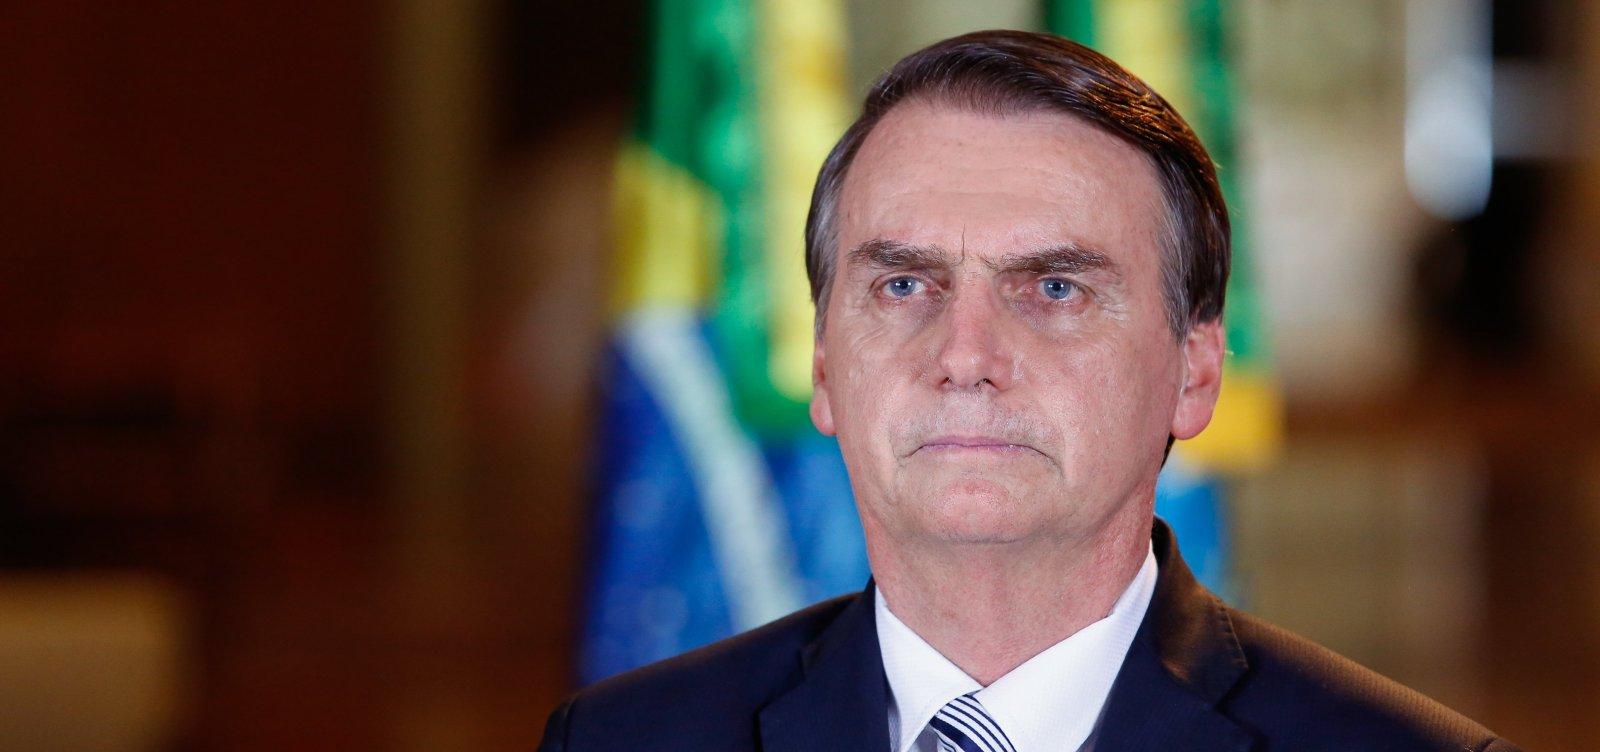 [ Caso Brasil não tenha voto impresso em 2022, 'vamos ter um problema pior que nos EUA', diz Bolsonaro]